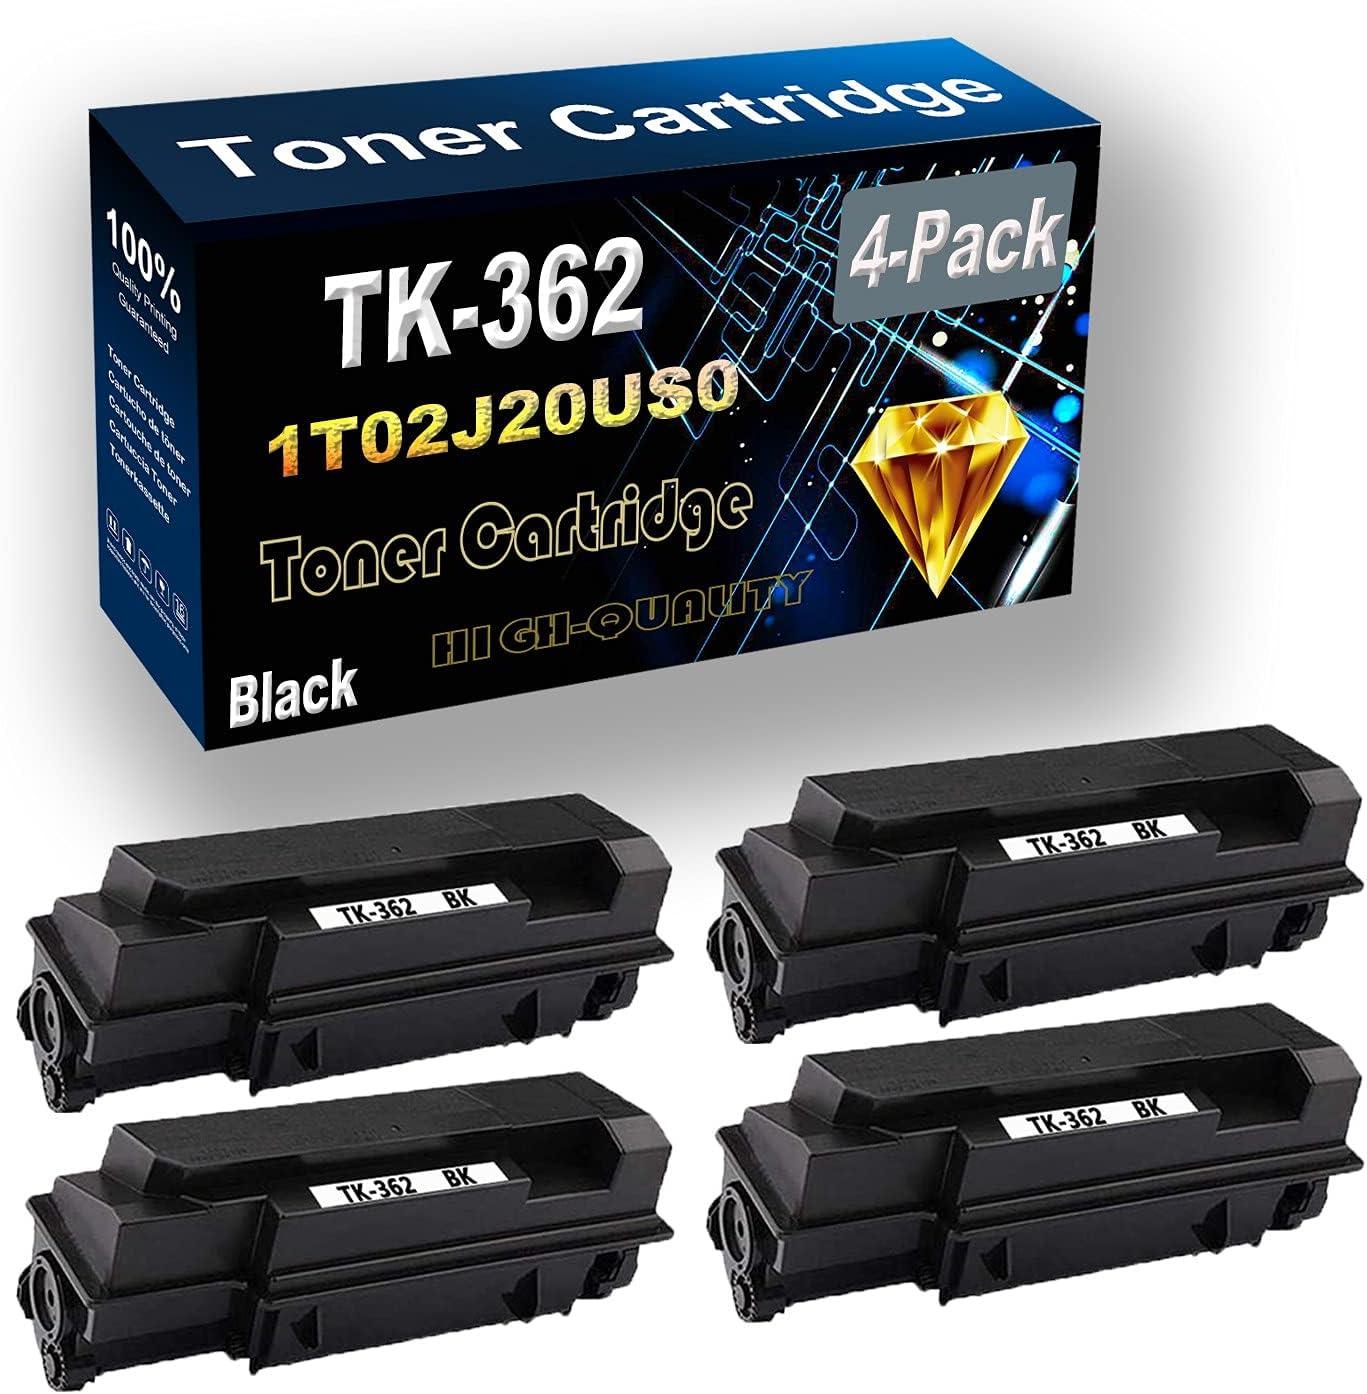 Remanufactured Toner Cartridge Replacement for Kyocera TK362 TK-362 | 1T02J20US0 for Kyocera FS-4020DN Printer (4-Pack Black)